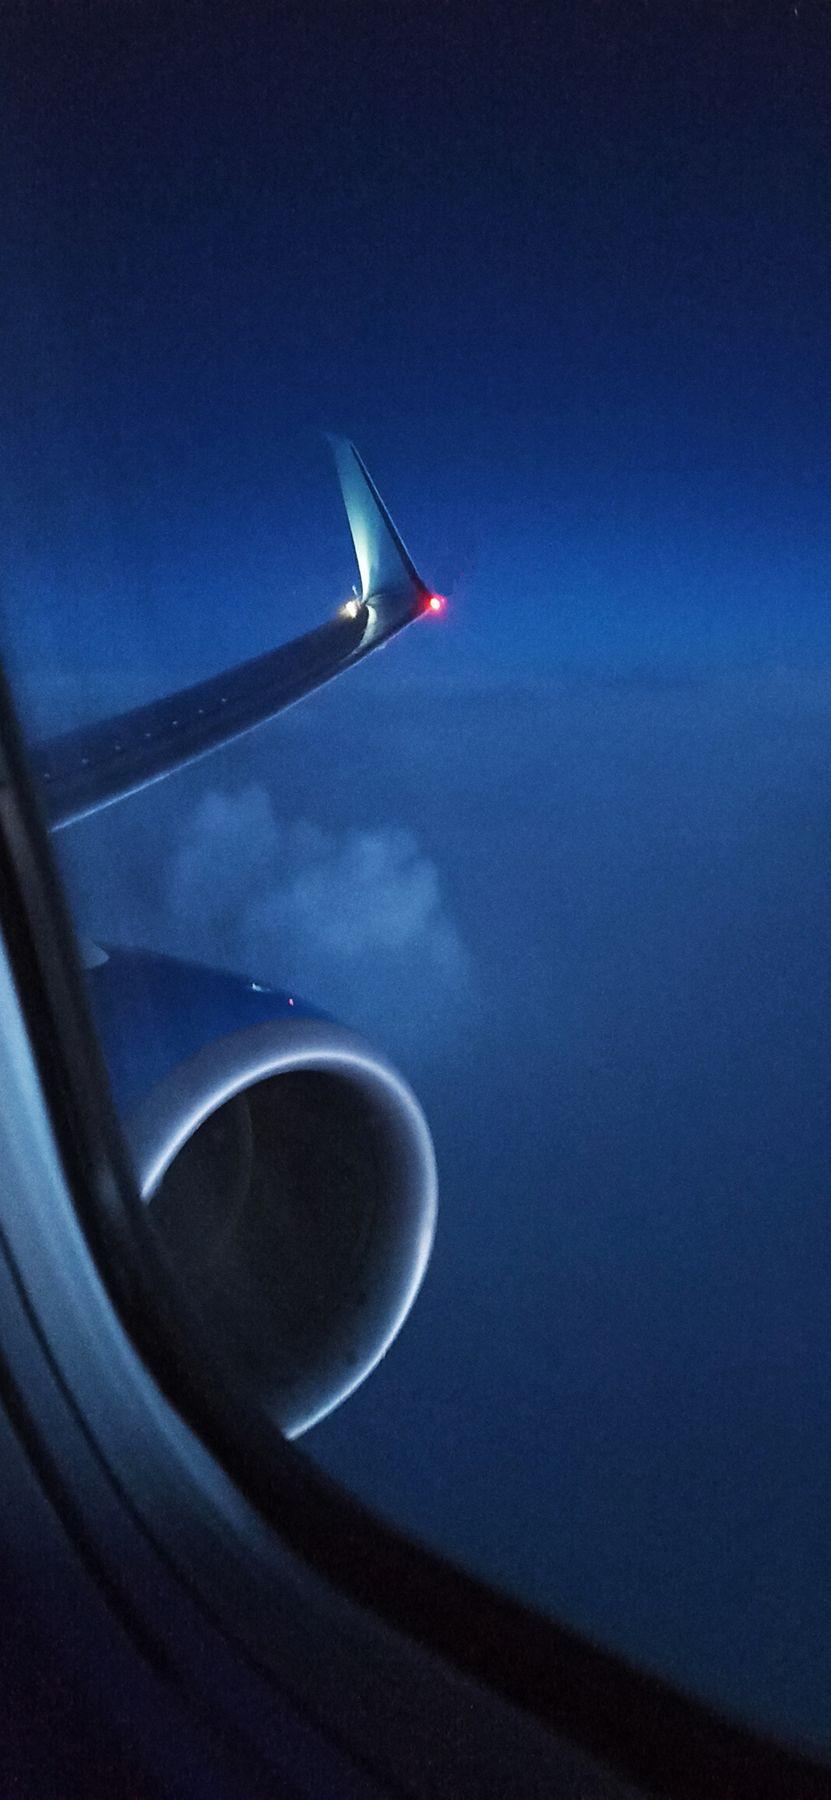 Ночной полет Самолет полет облака крыло двигатель ночь